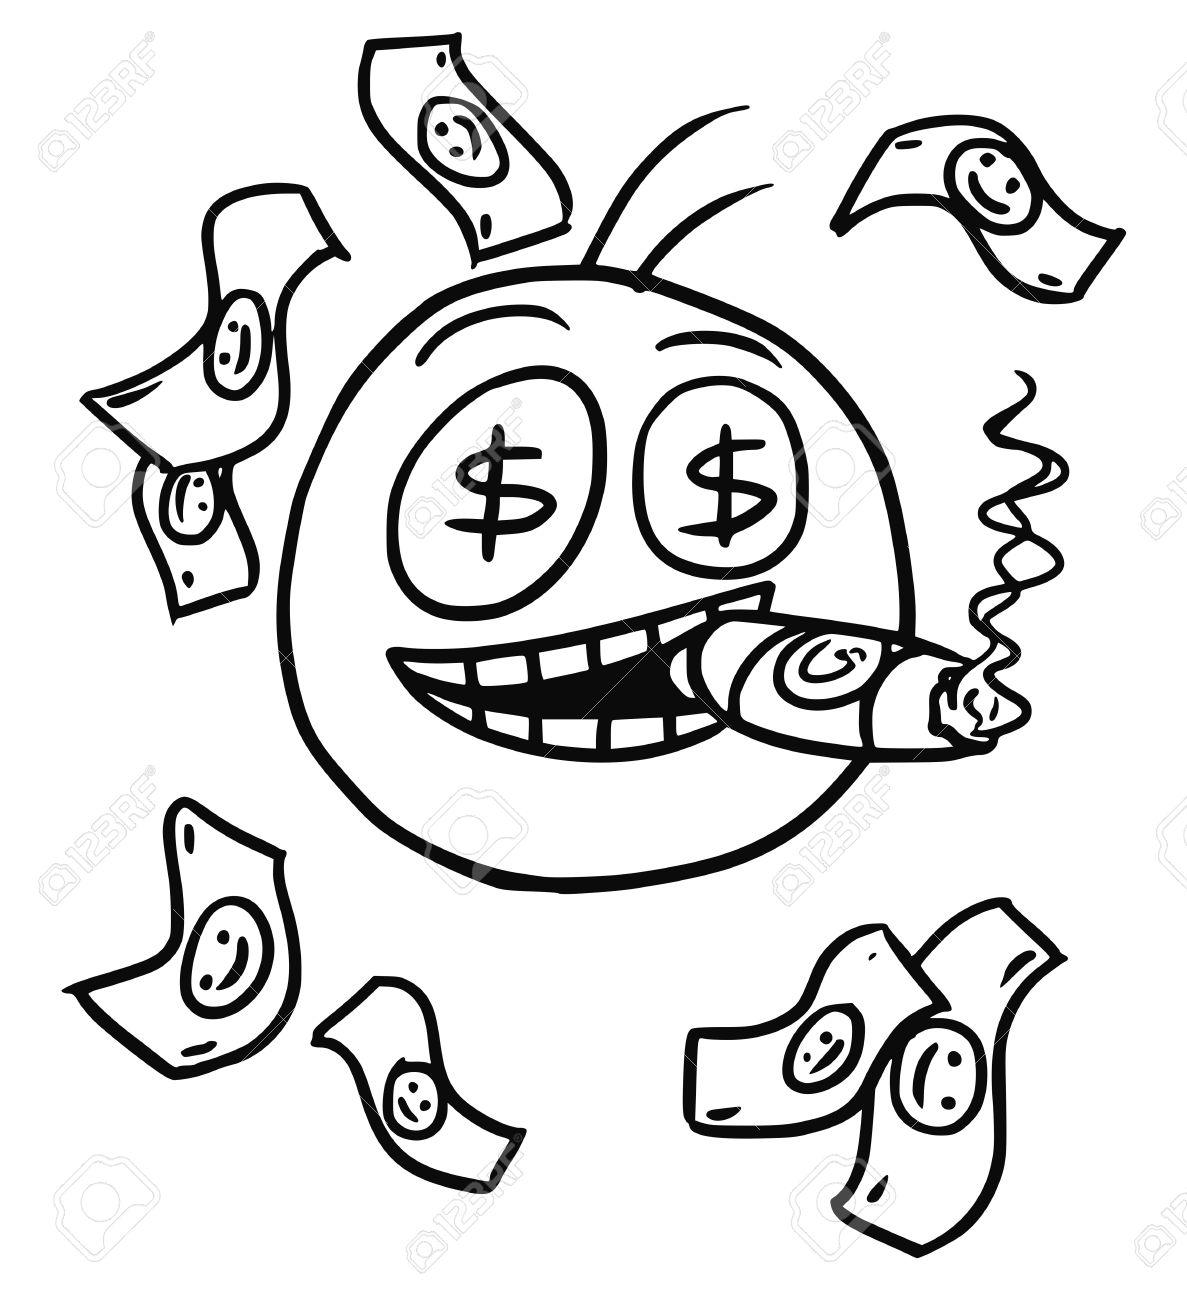 1187x1300 Cartoon Vector Of Smiling Stickman With Big Cigar,dollar Sign